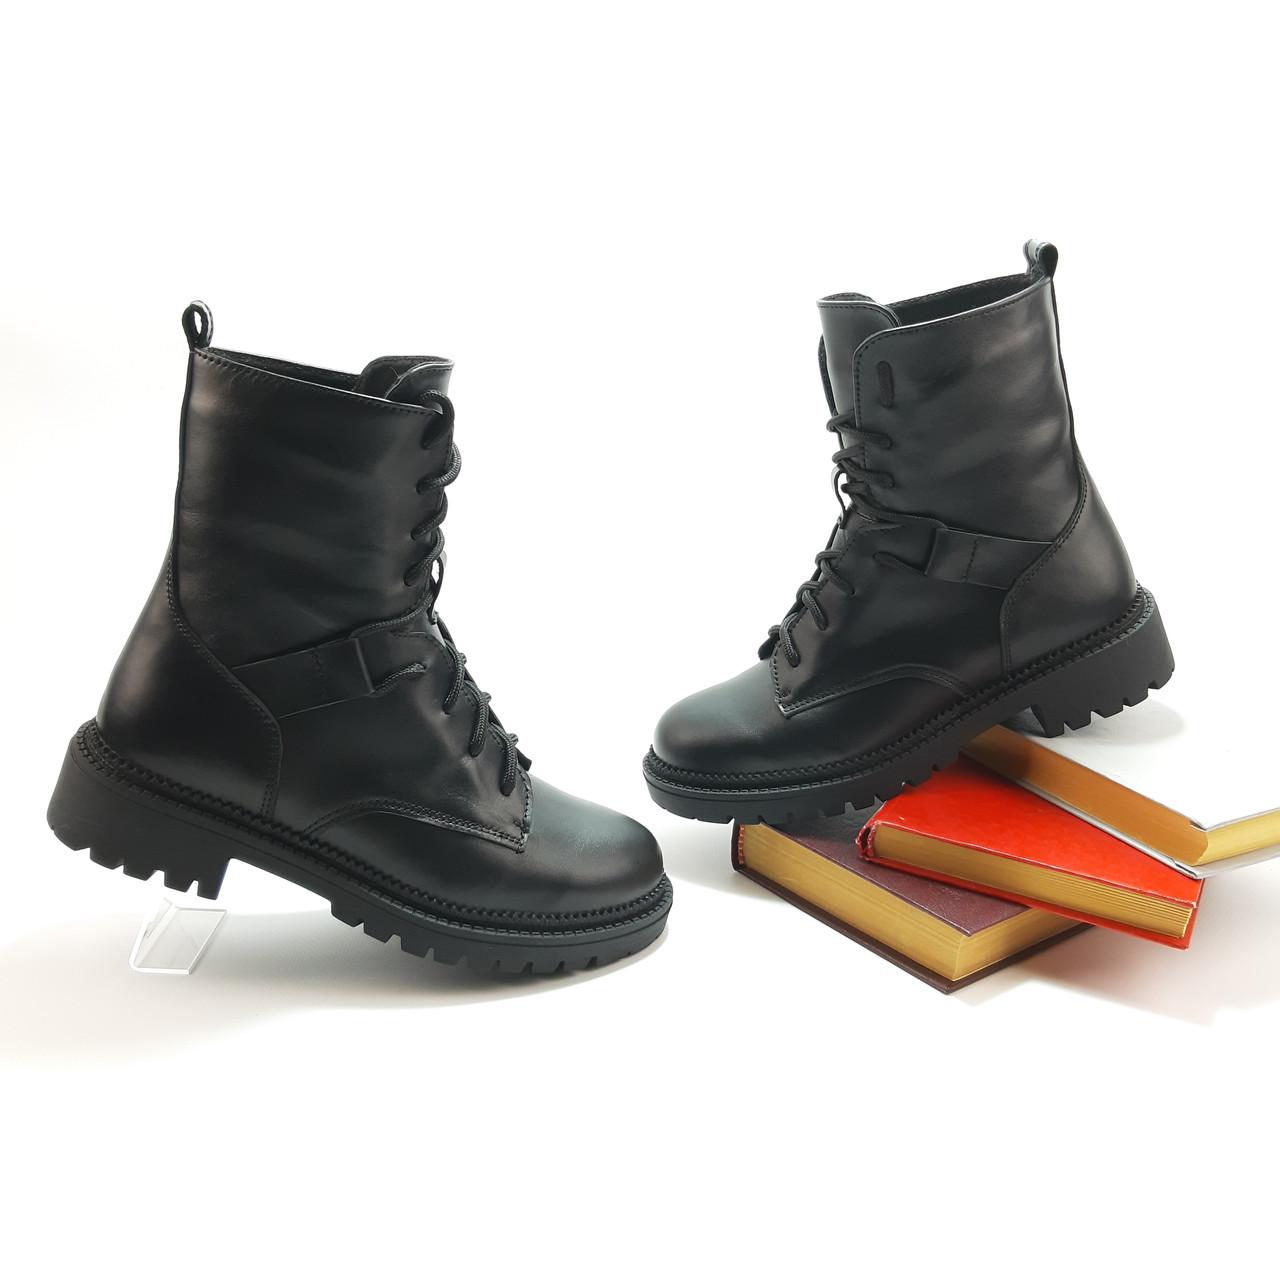 Високі черевики, берци на шнурівці в чорній шкірі або замші.